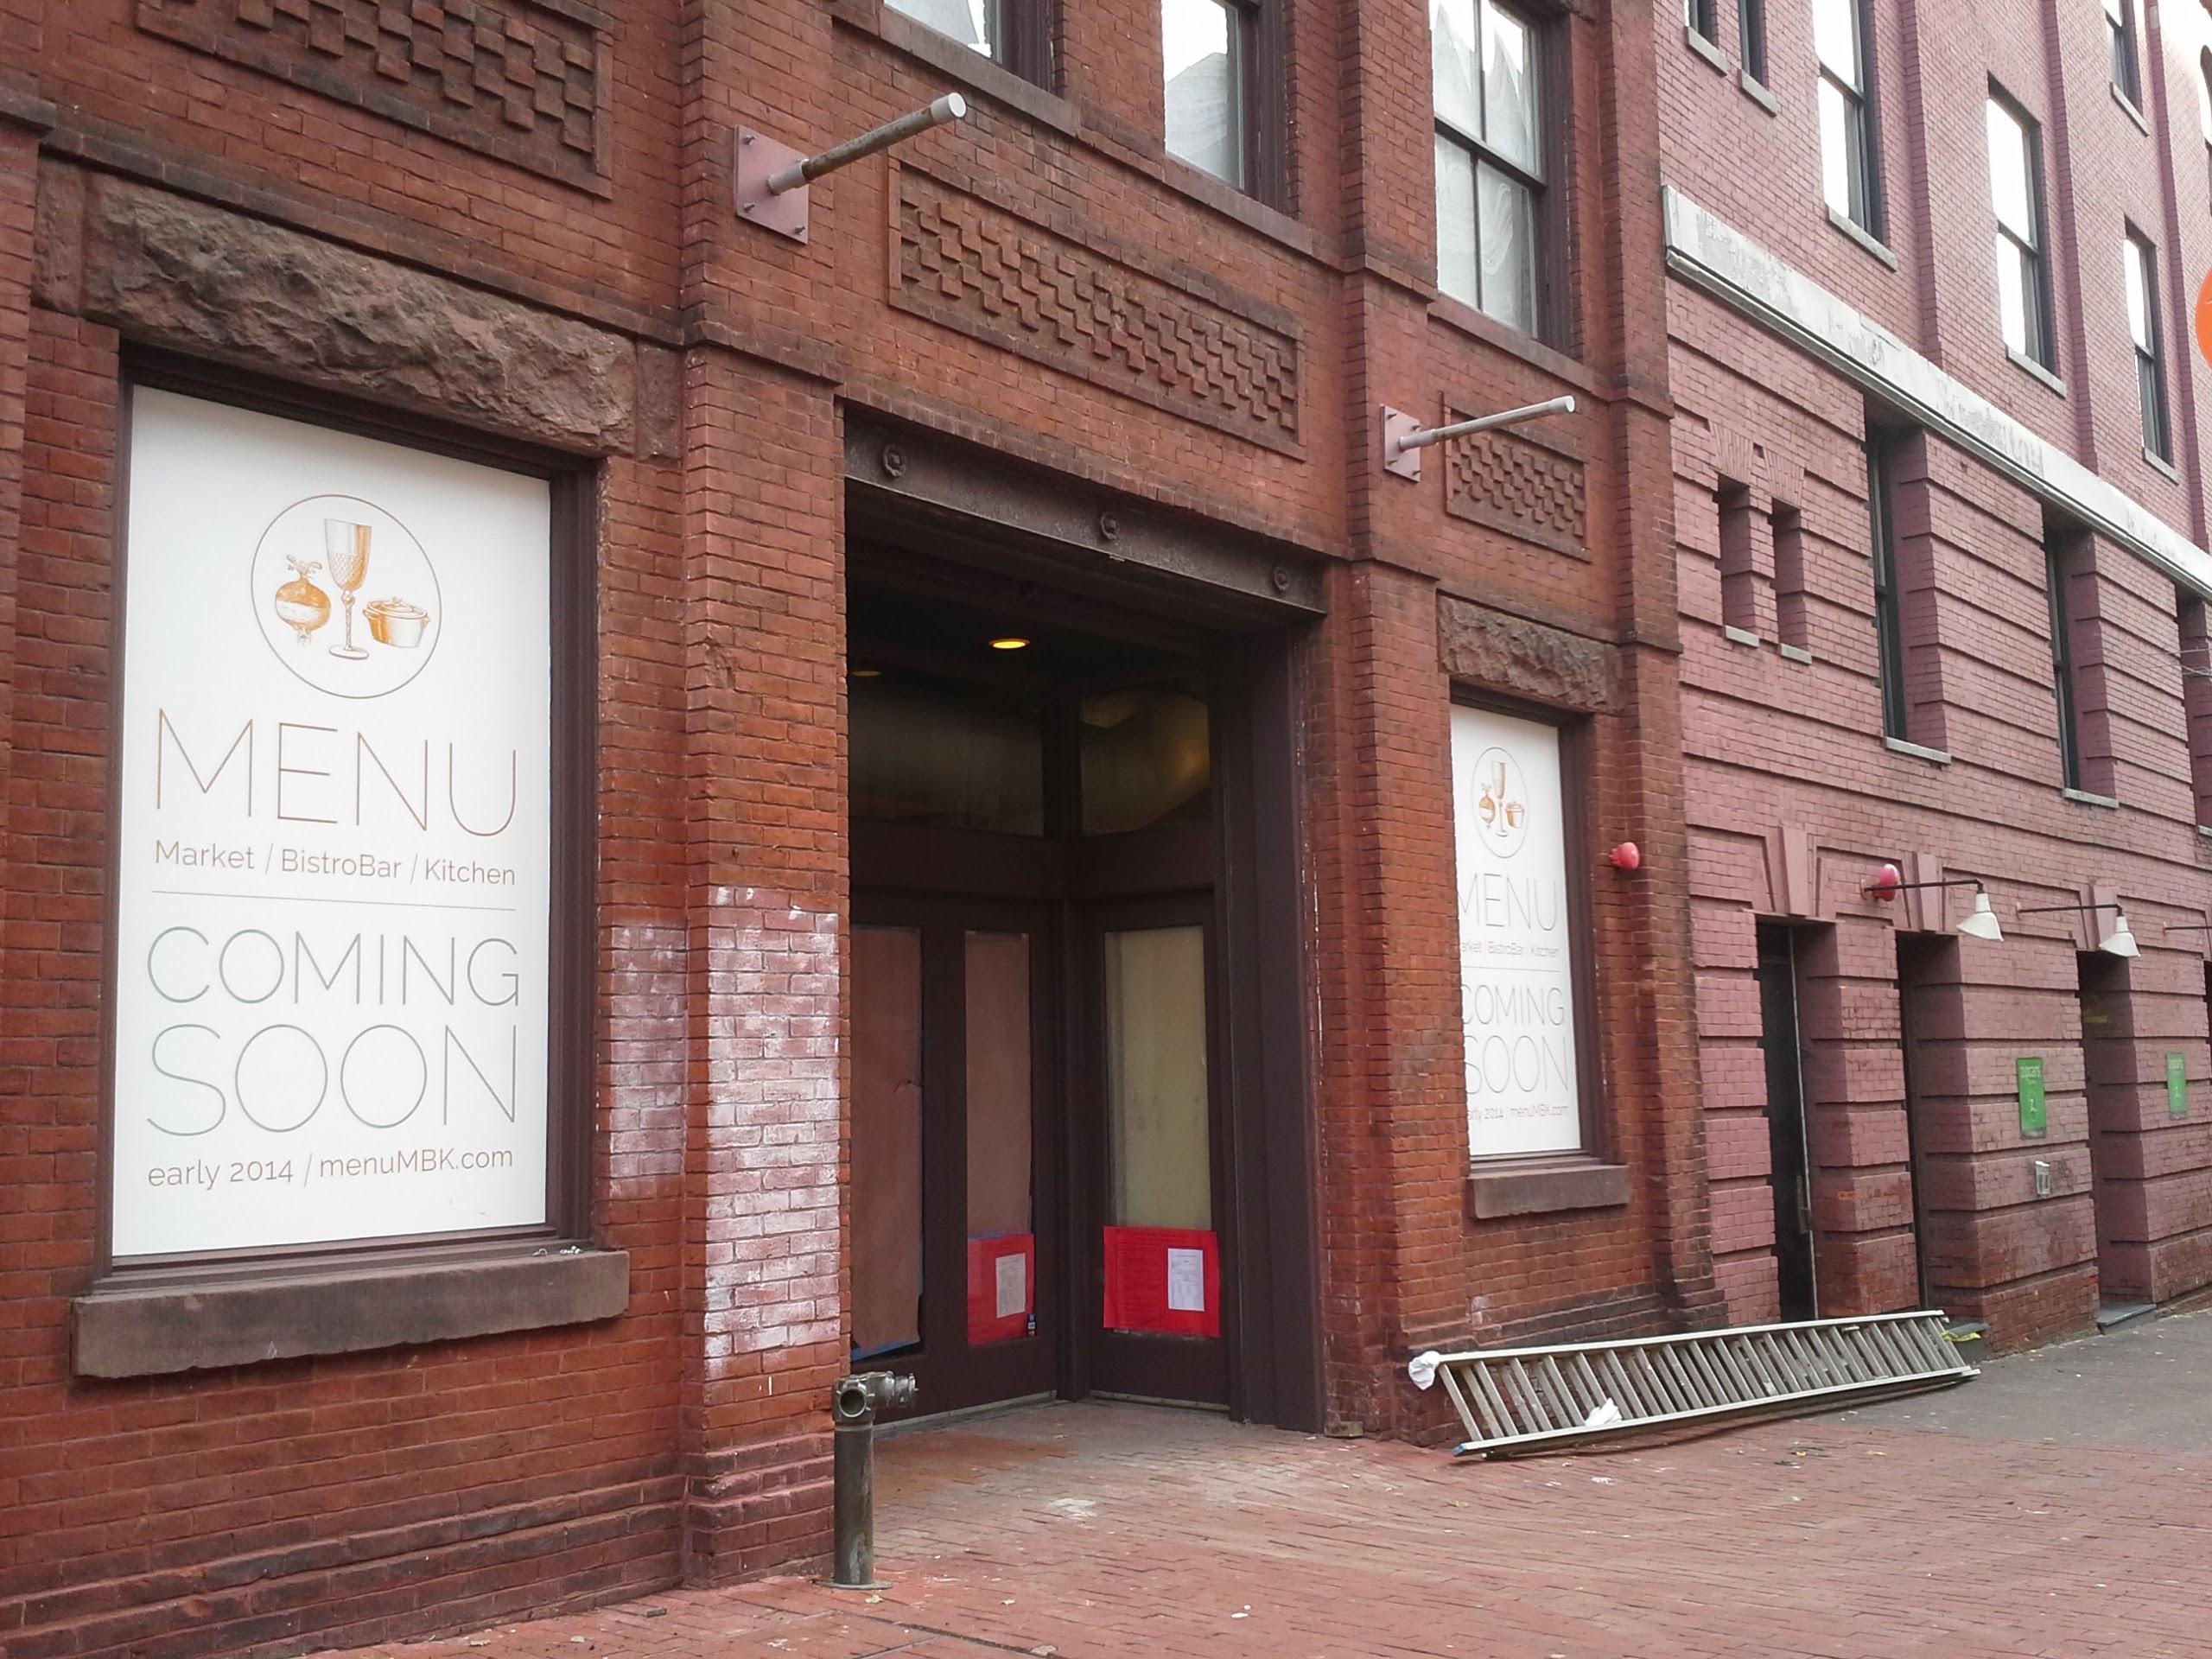 menu 405 8th st nw de pue restaurant preopen - scene 2